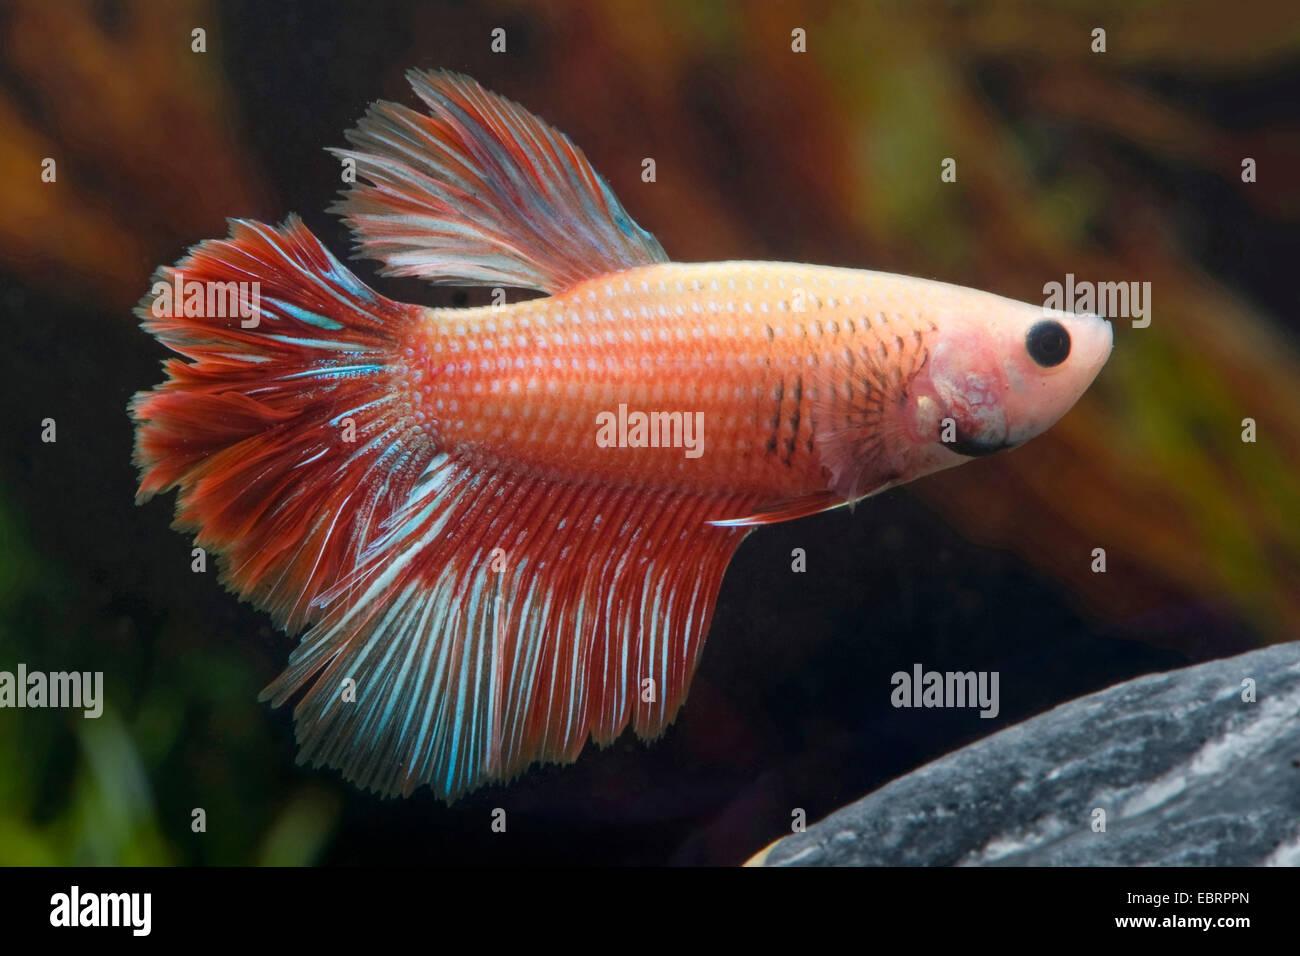 Fish Stock Photos & Fish Stock Images - Alamy